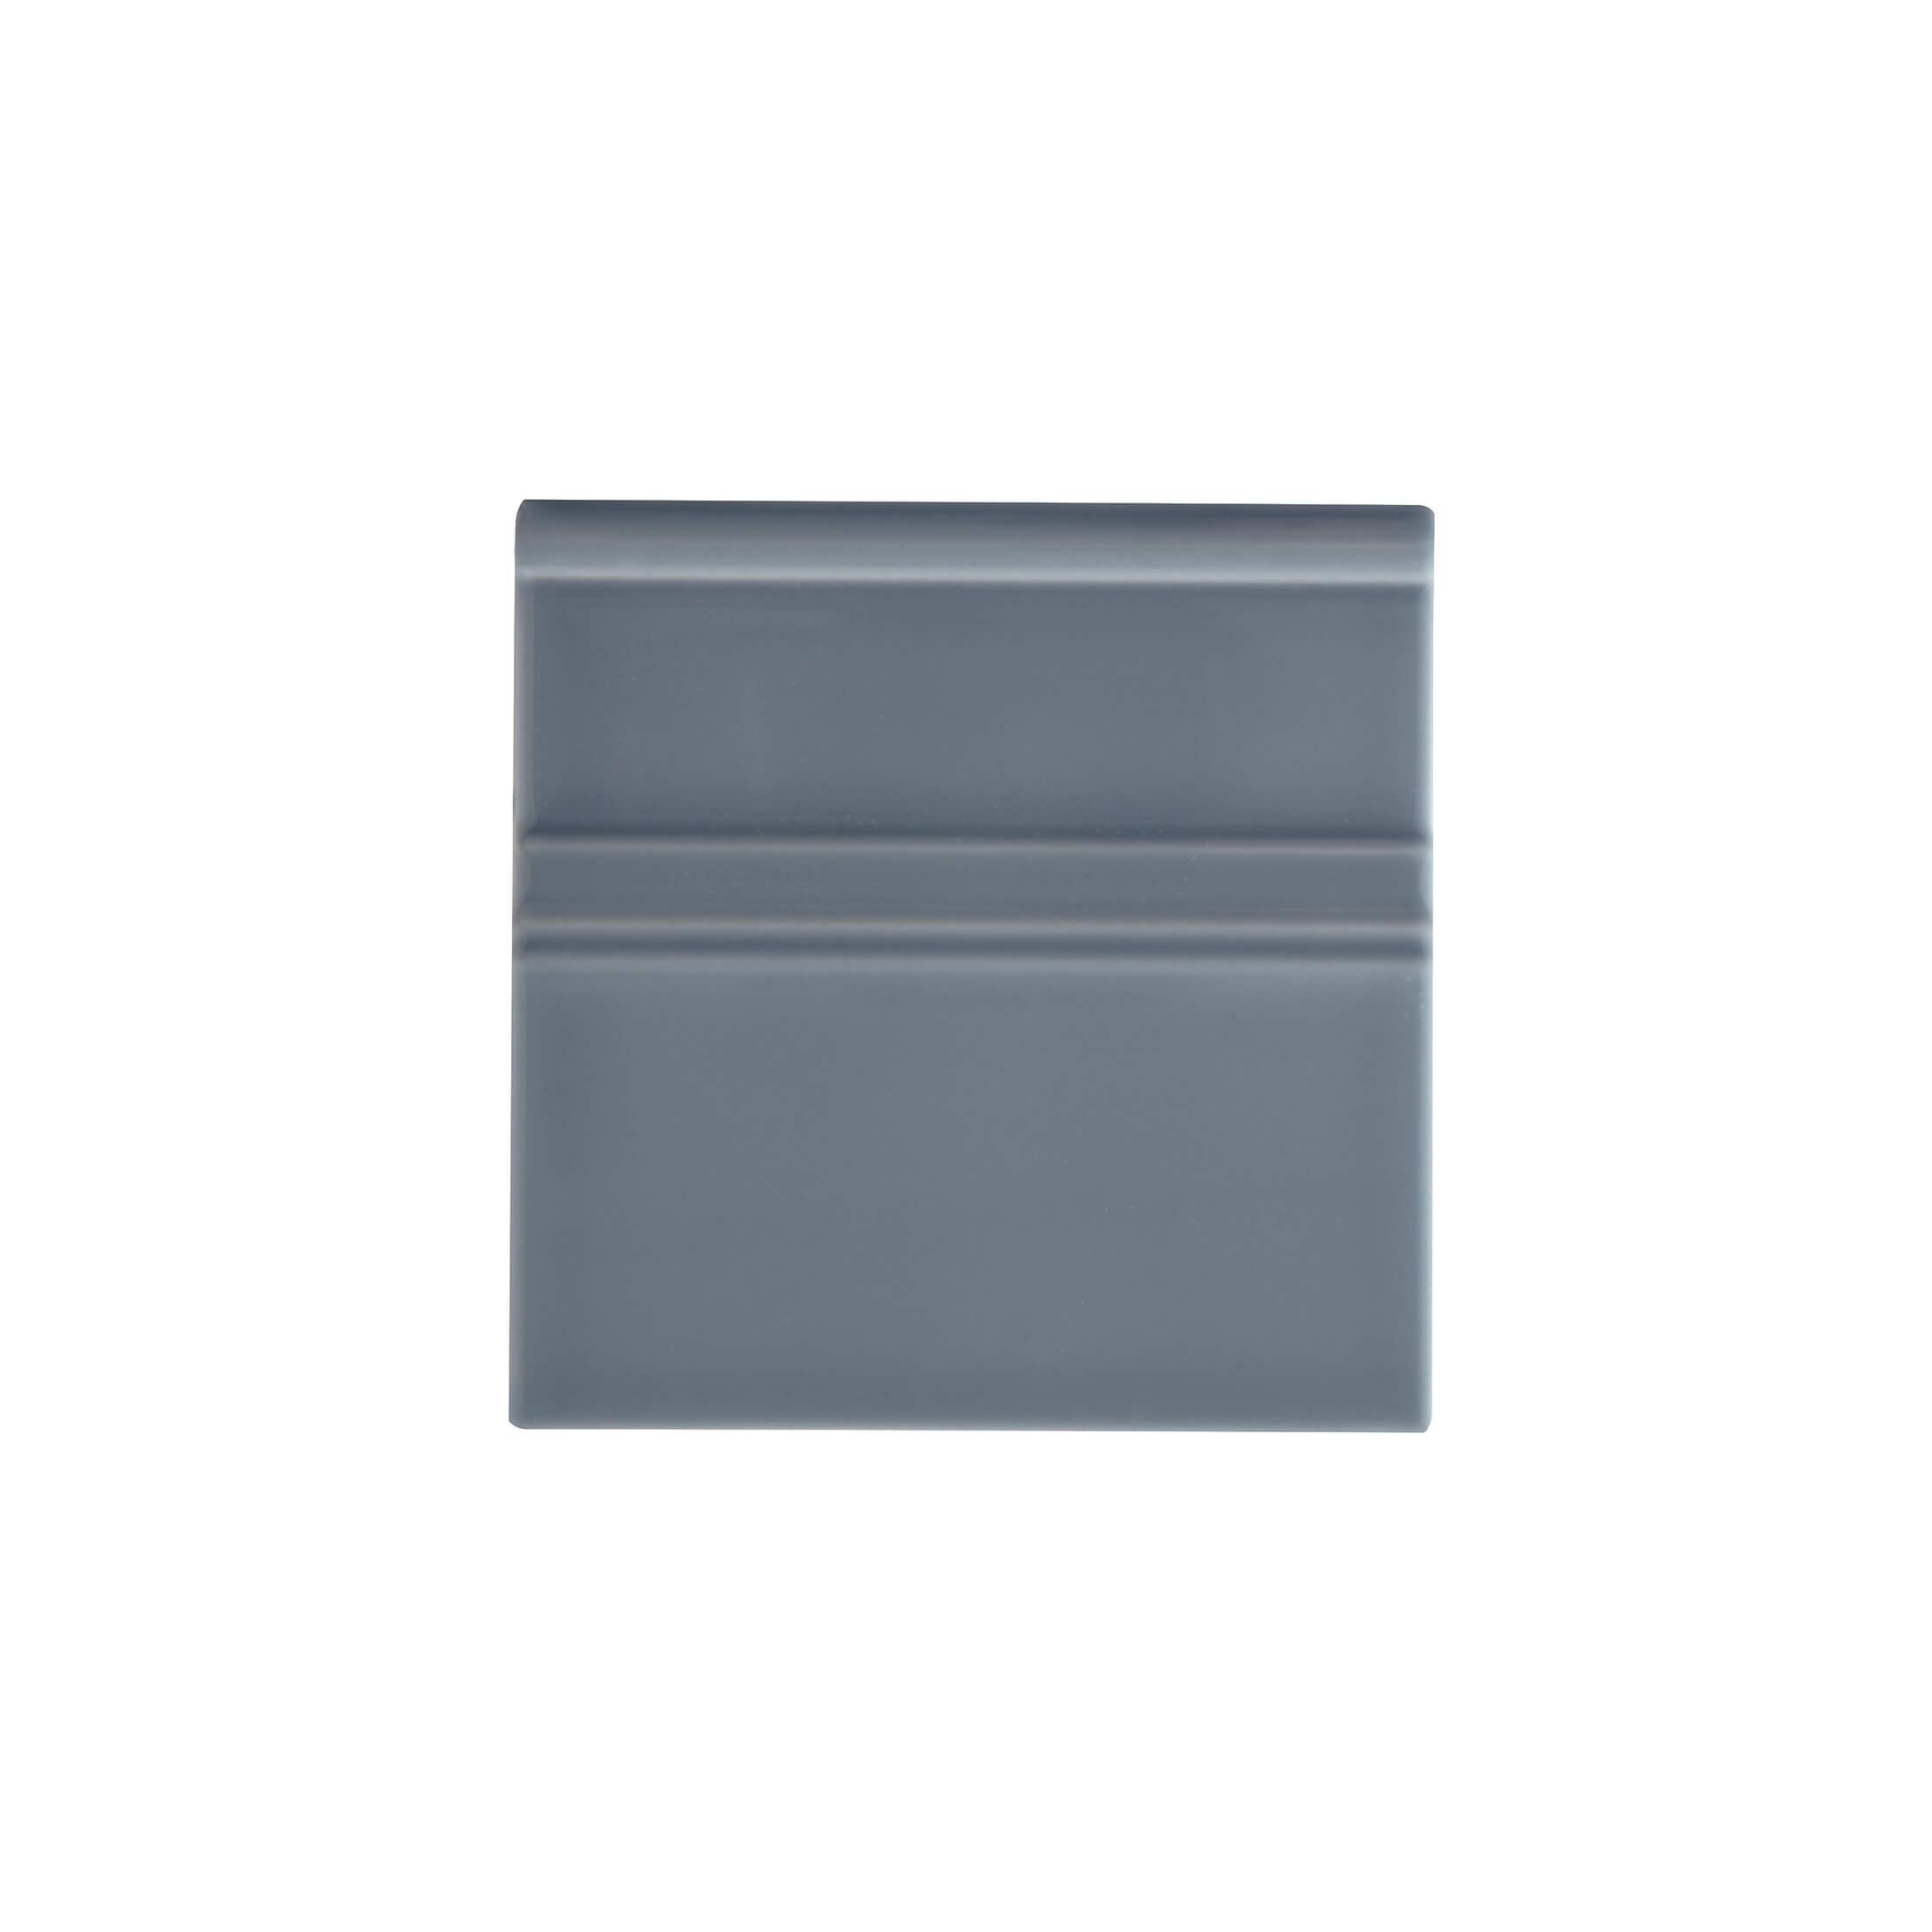 ADNE5606 - RODAPIE CLASICO - 15 cm X 15 cm